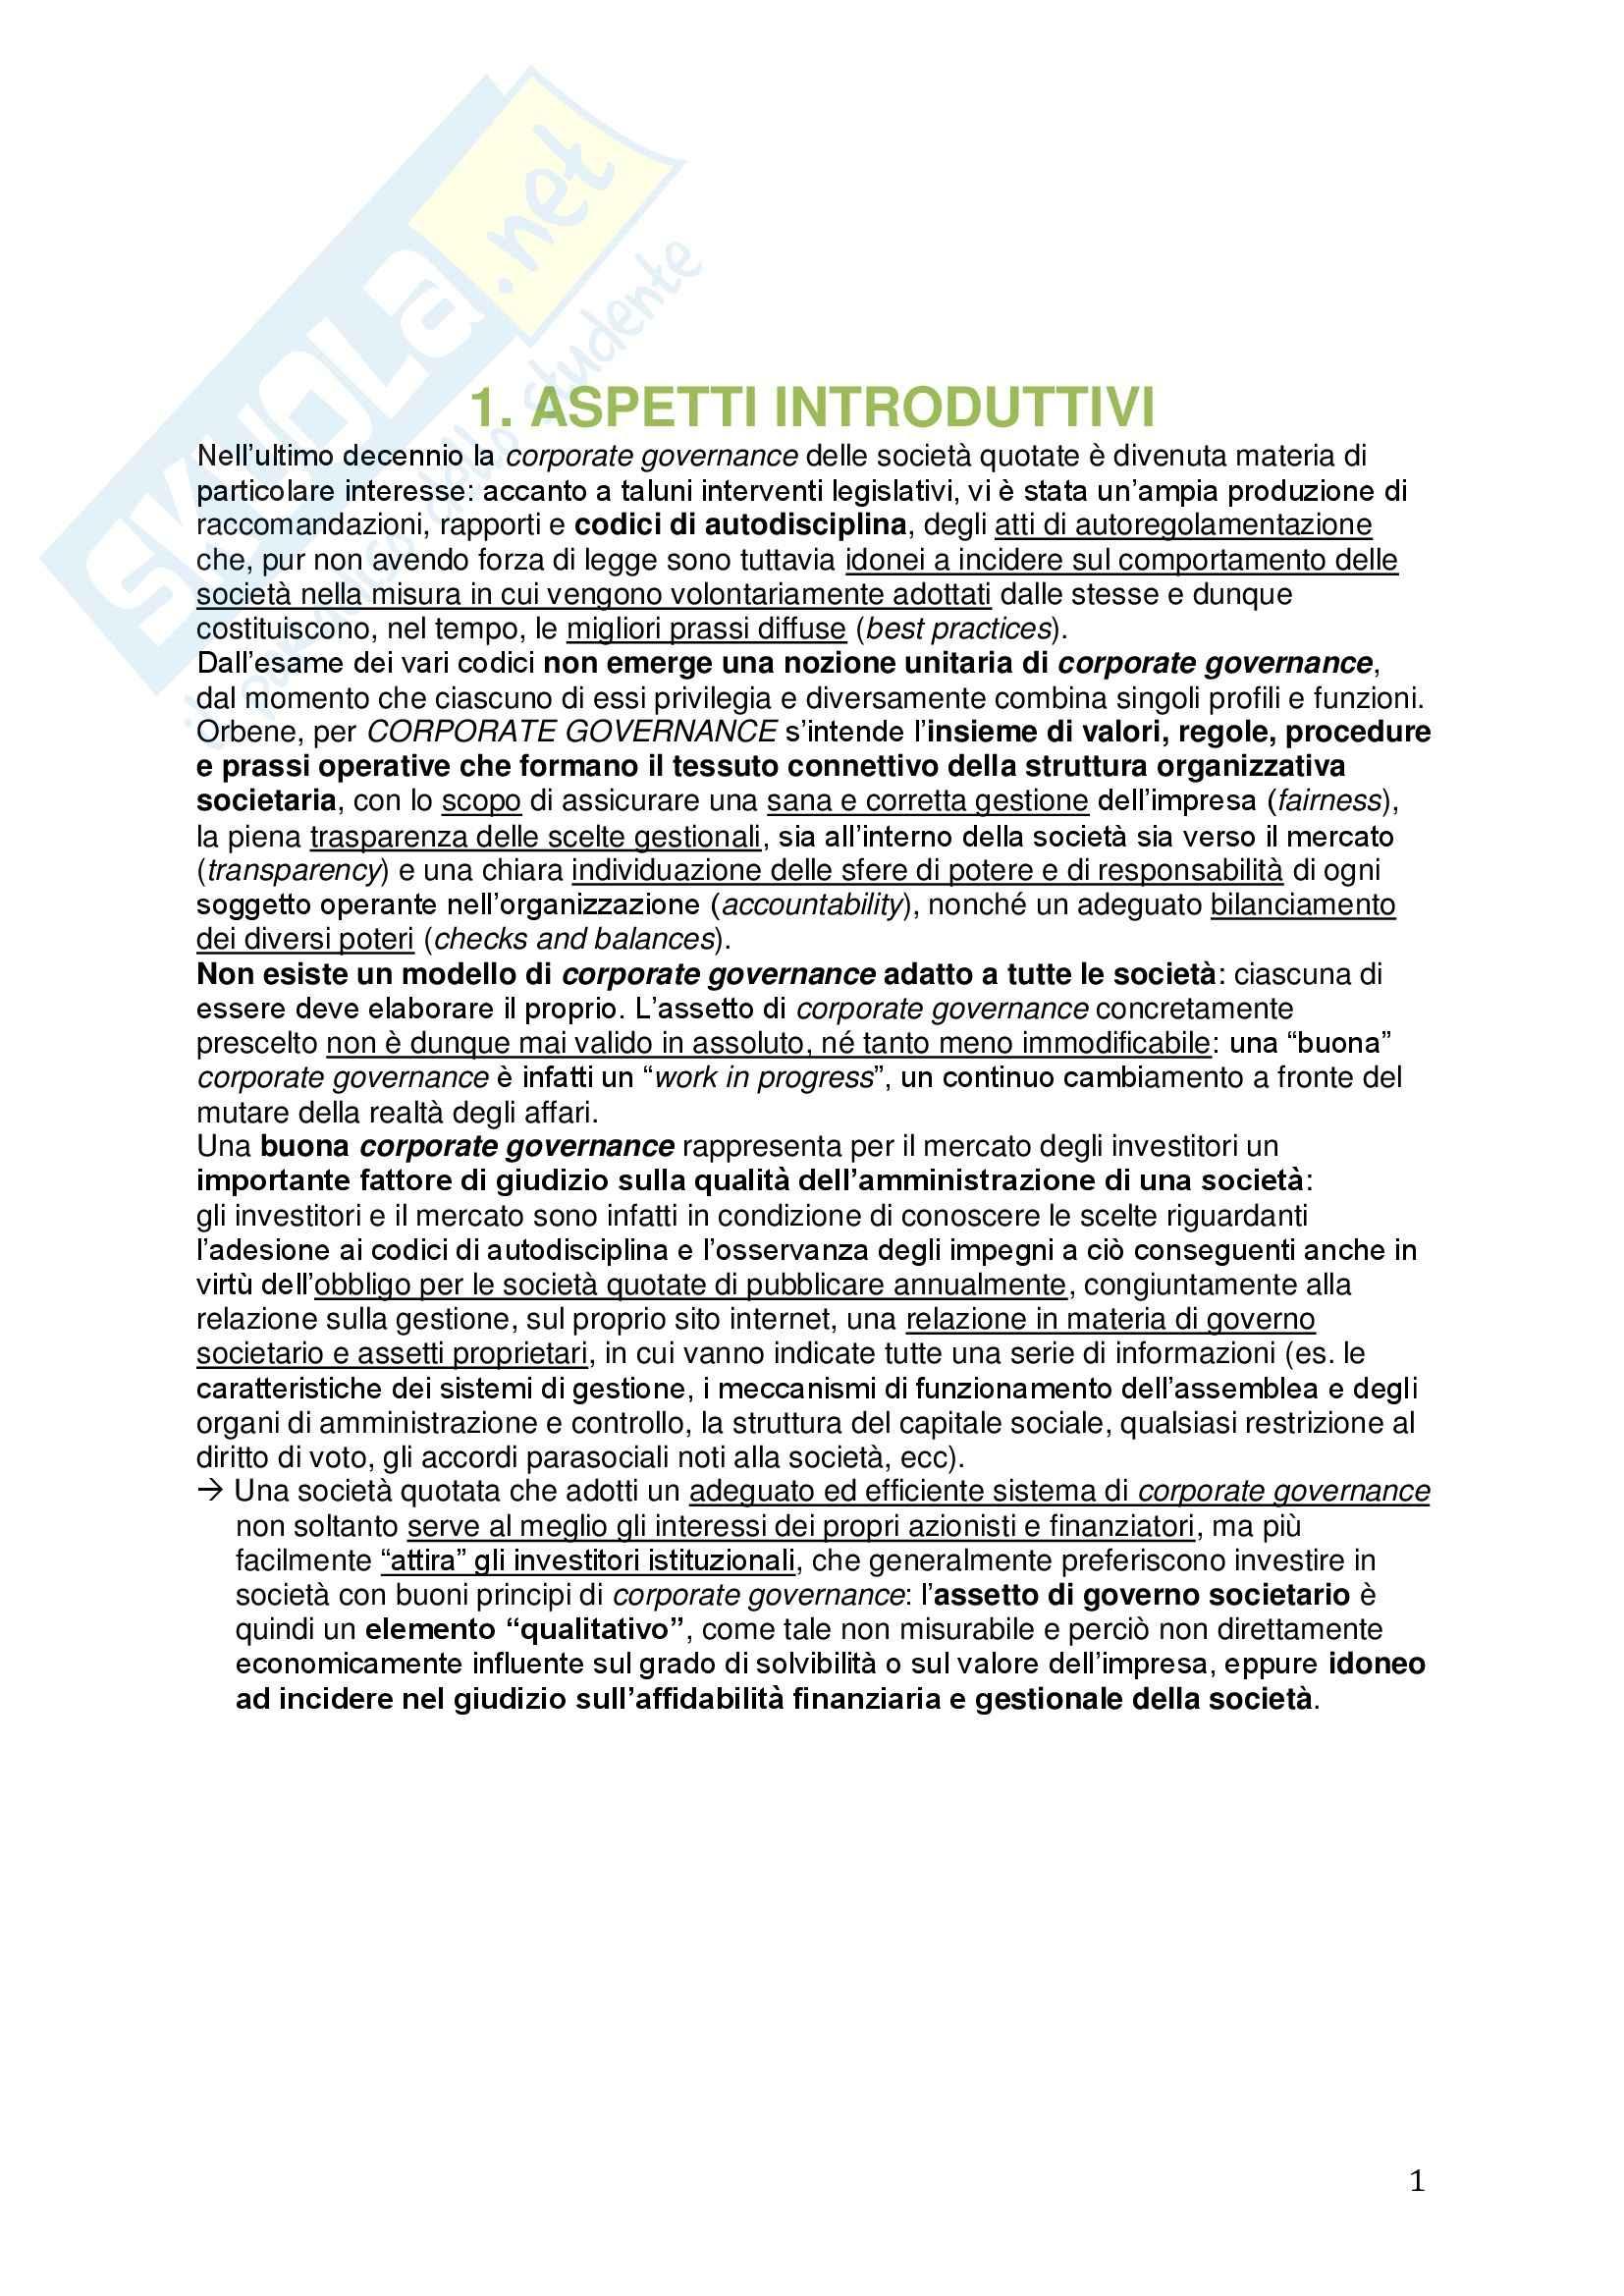 Riassunto esame Diritto commerciale, prof. Meruzzi, libro consigliato La corporate governance delle società quotate, Chiappetta